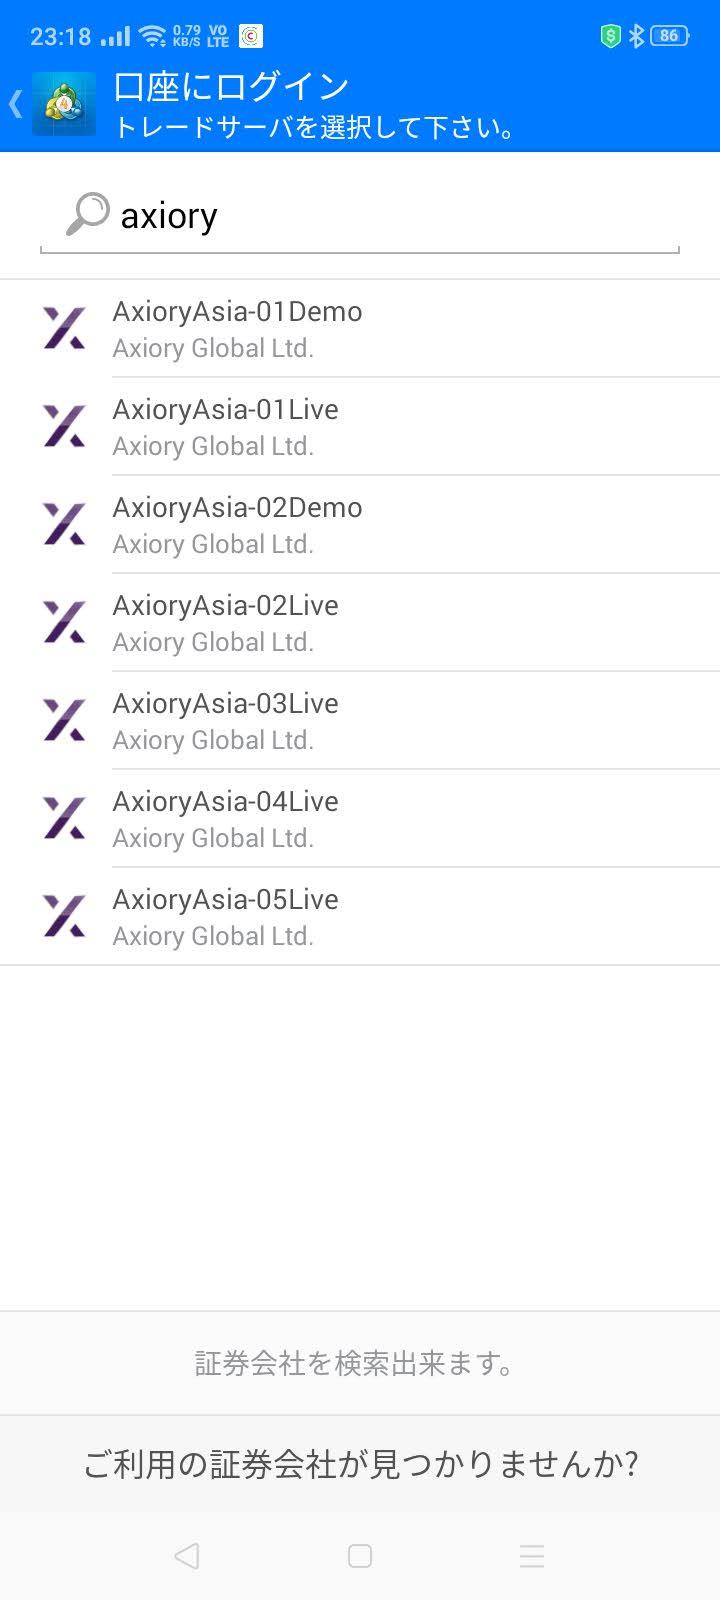 検索フォームに「AXIORY」と入力する